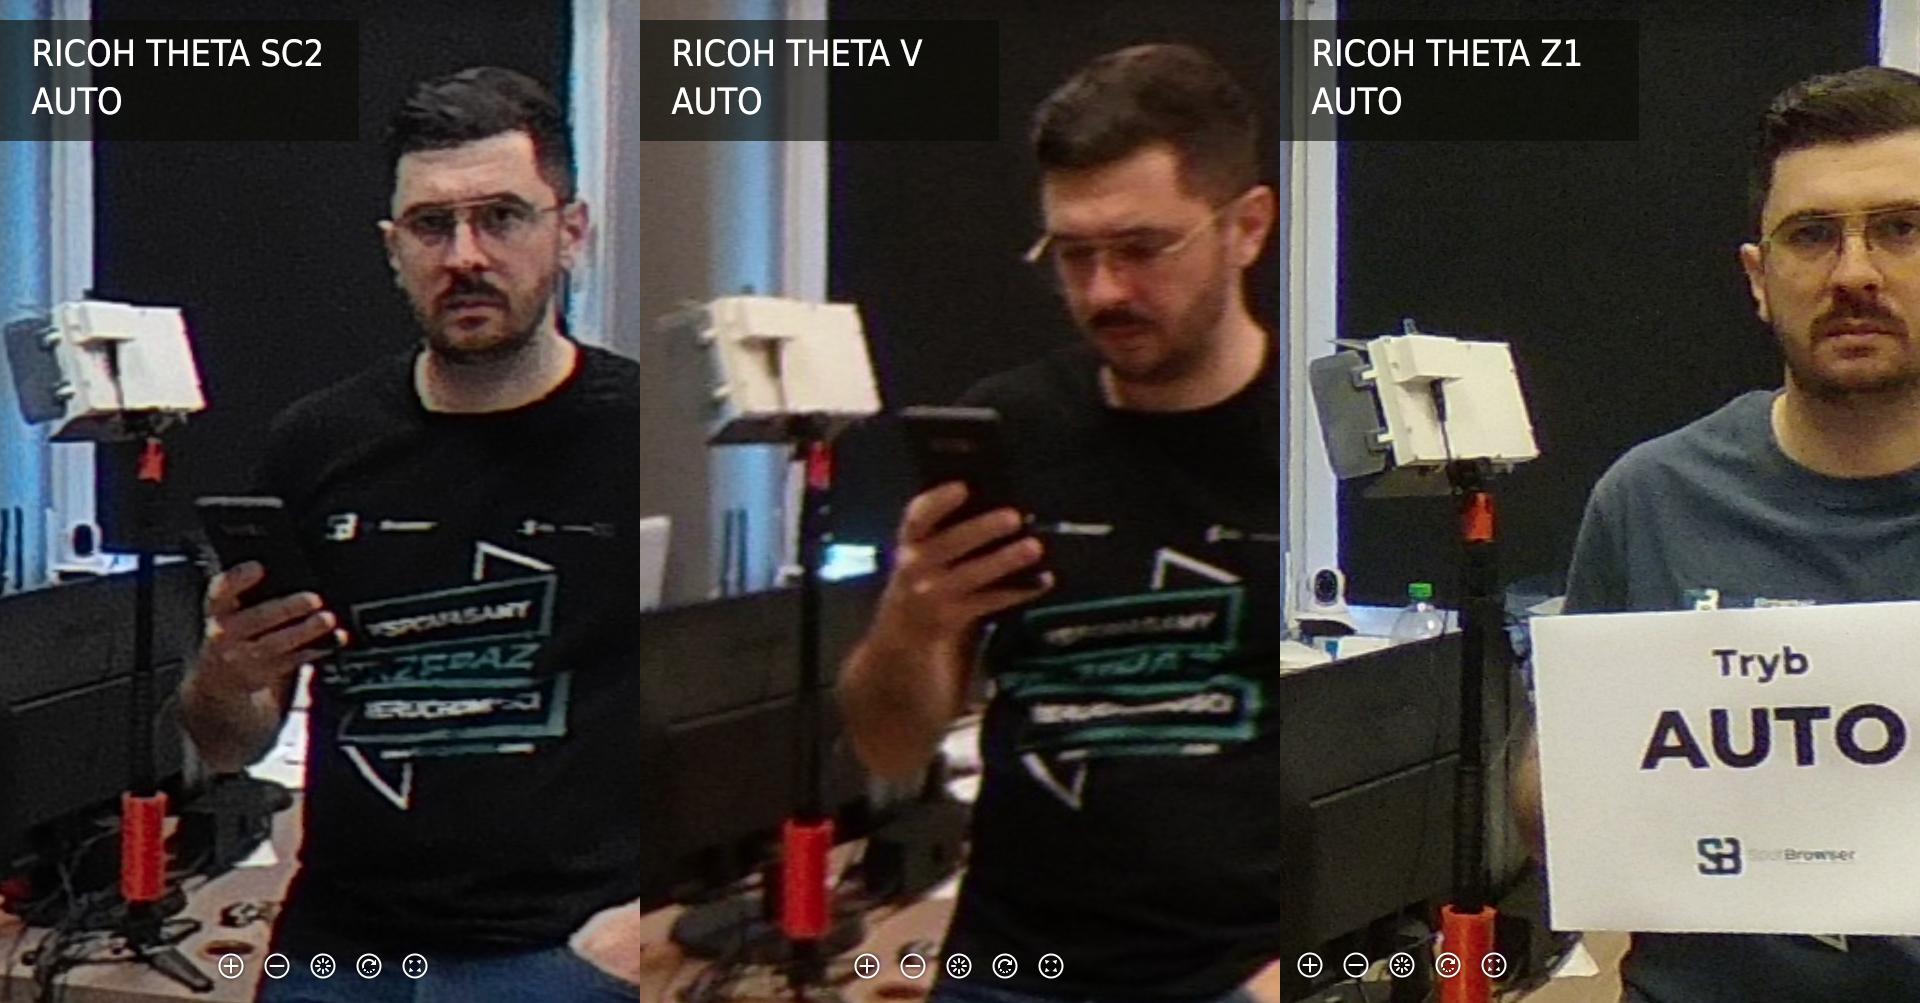 Ricoh Theta SC2 vs V vs Z1